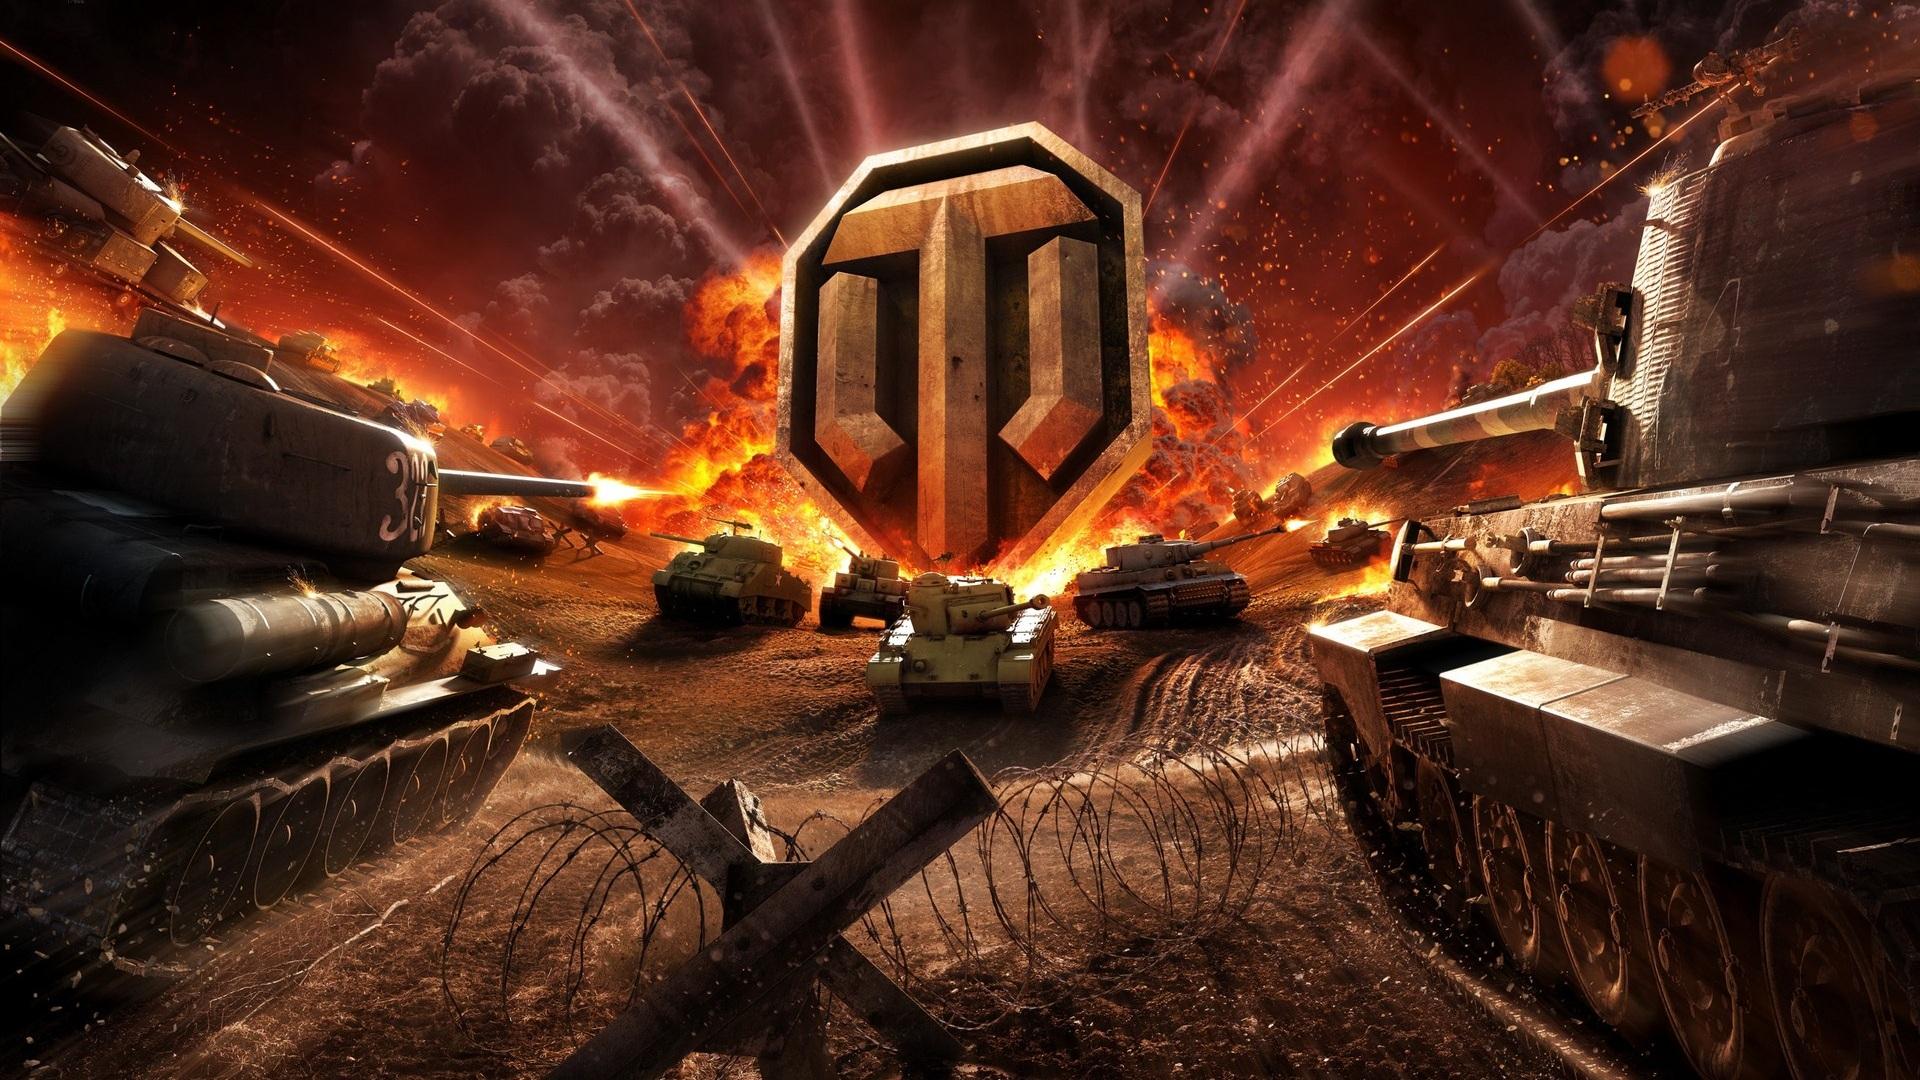 World of Tanks : Enfin une date de sortie sur One !